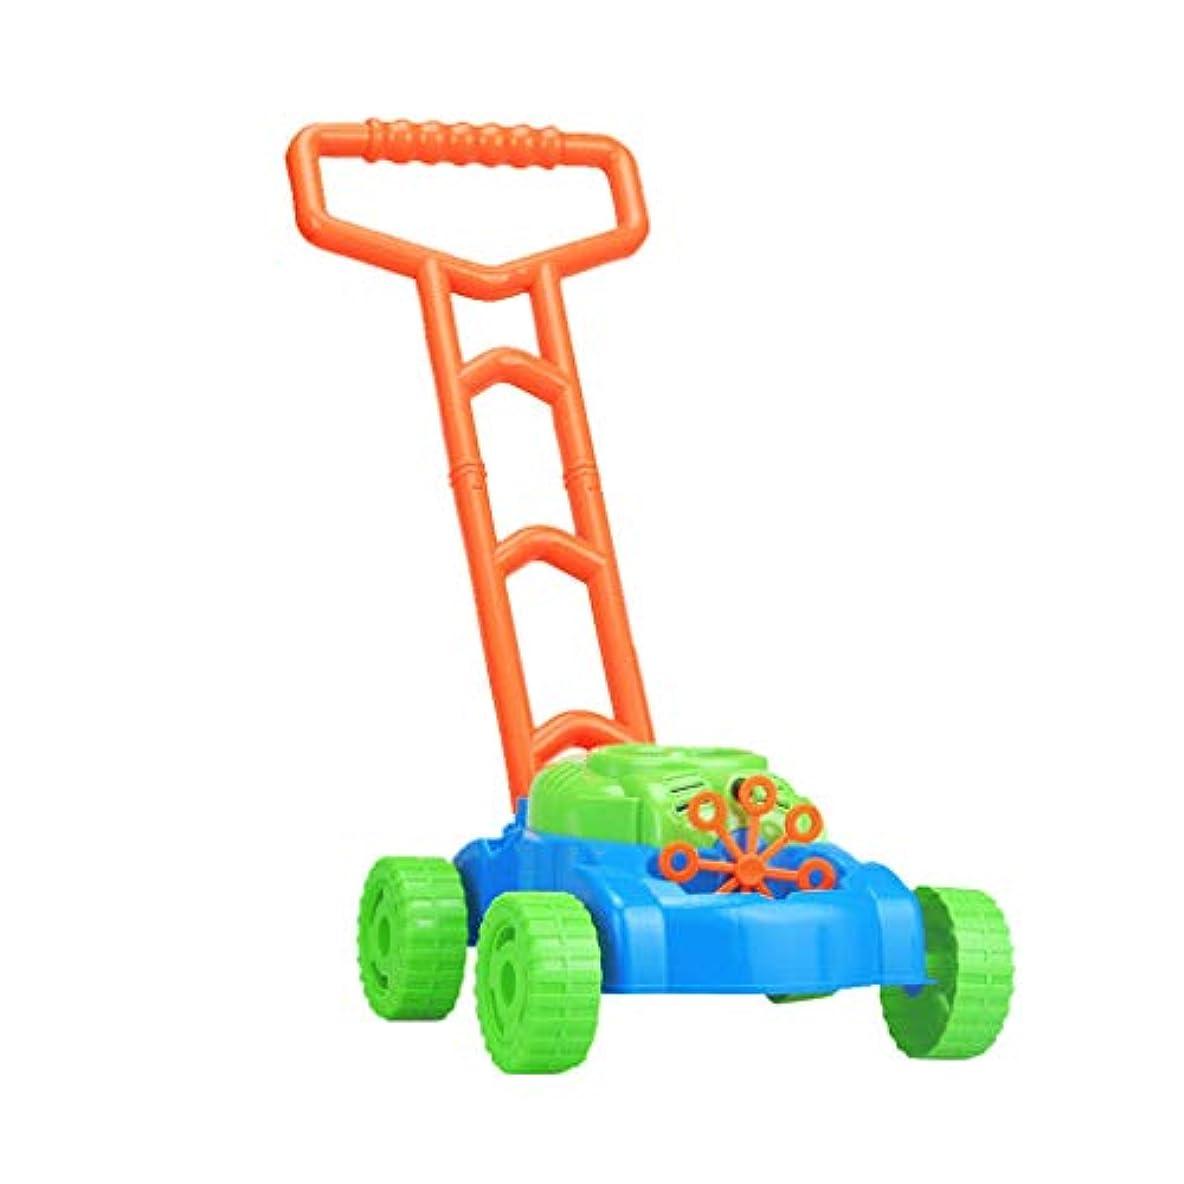 遠足実行可能ふくろうGOOD lask 子供のための自動こぼれ防止泡吹く芝刈り機屋外の庭のおもちゃ